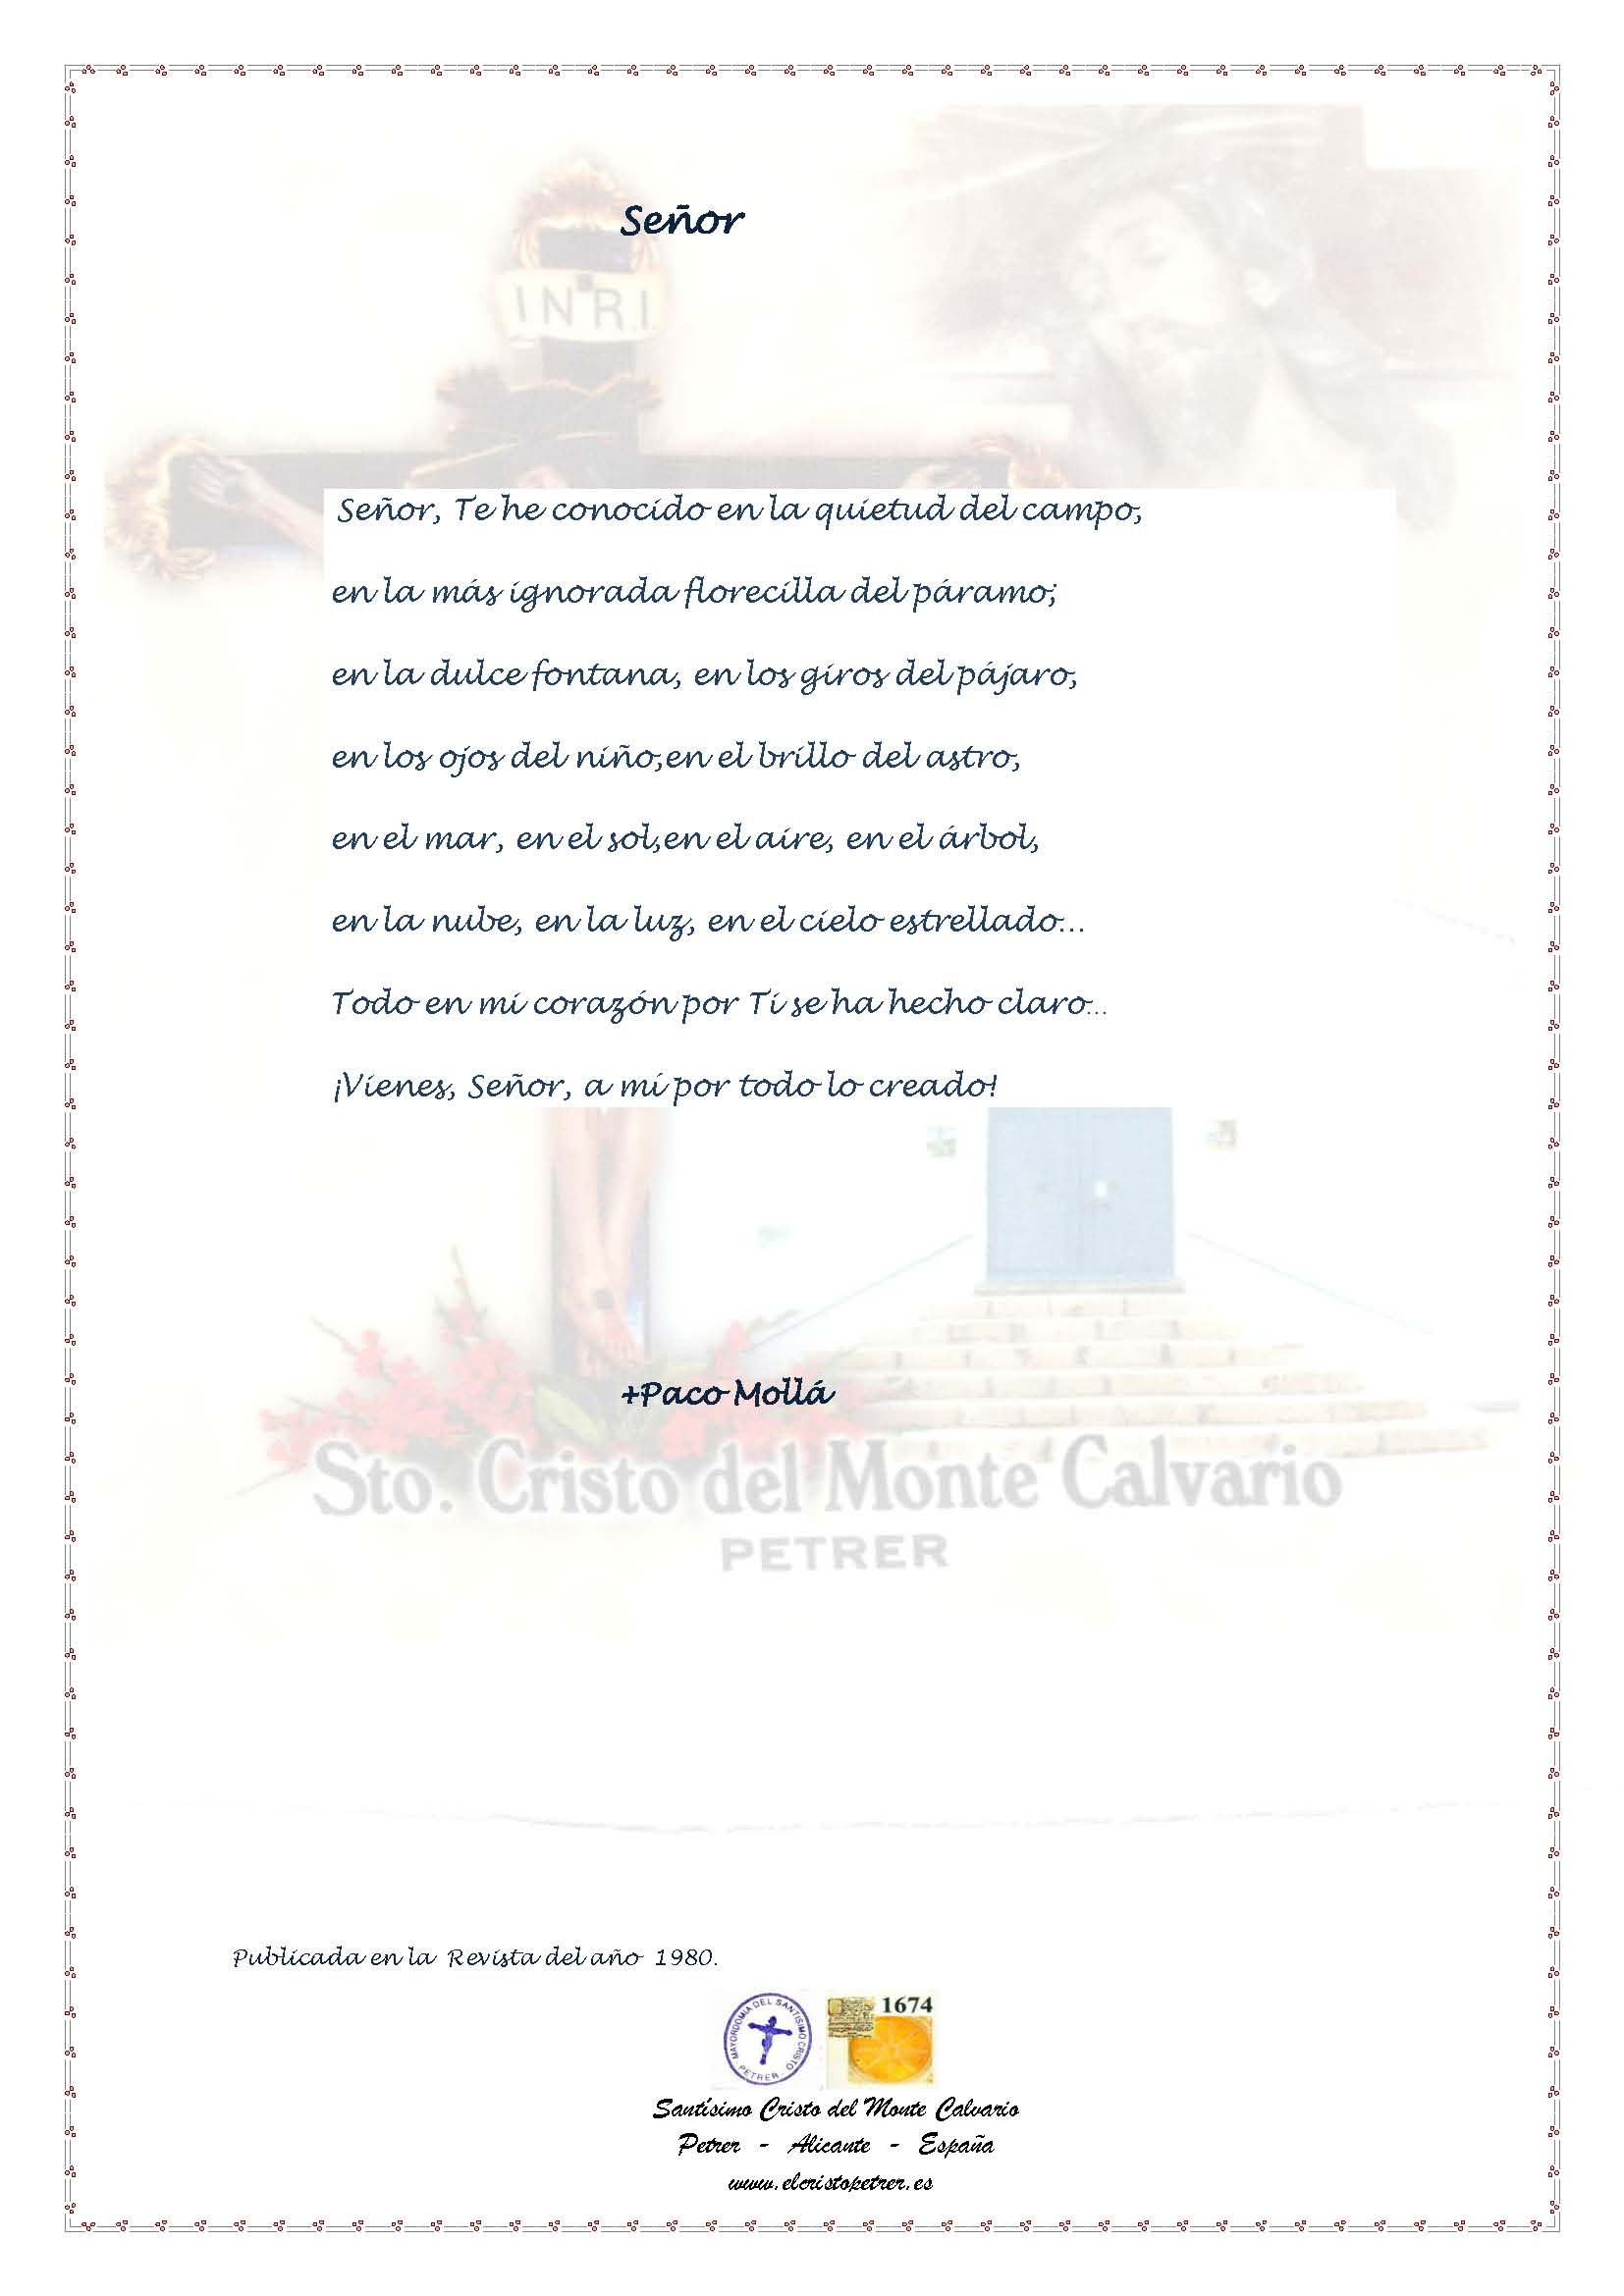 ElCristo - Poesias - Molla, Paco - Revista 1980 - Señor